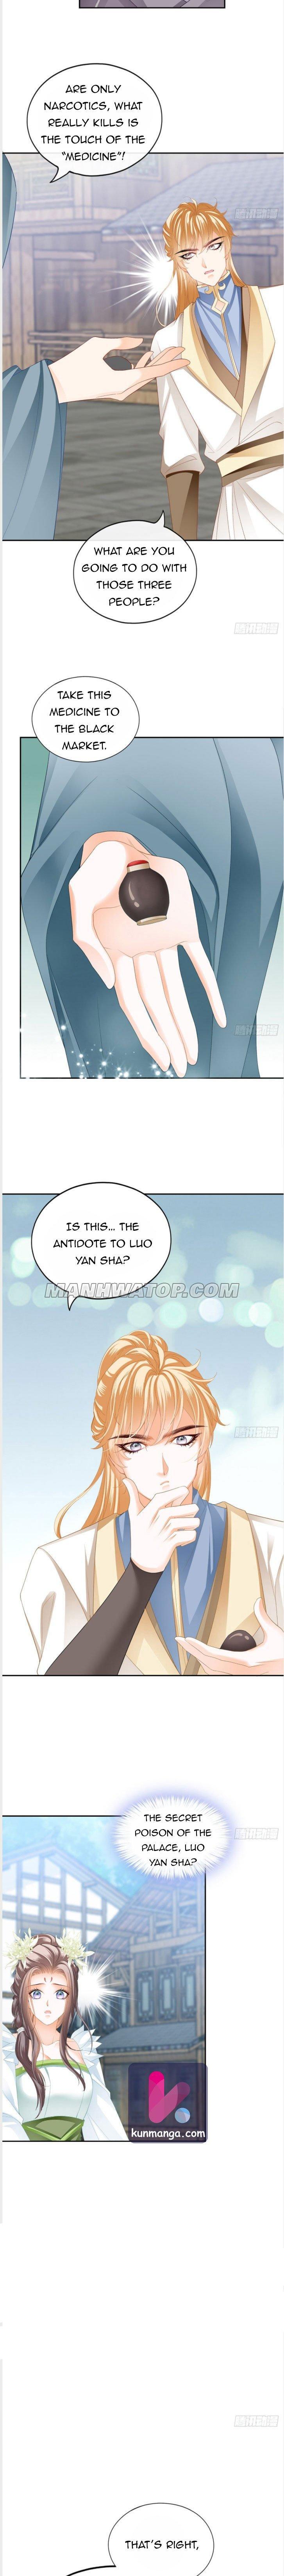 The Prince Wants You Chapter 52 page 3 - Mangakakalots.com